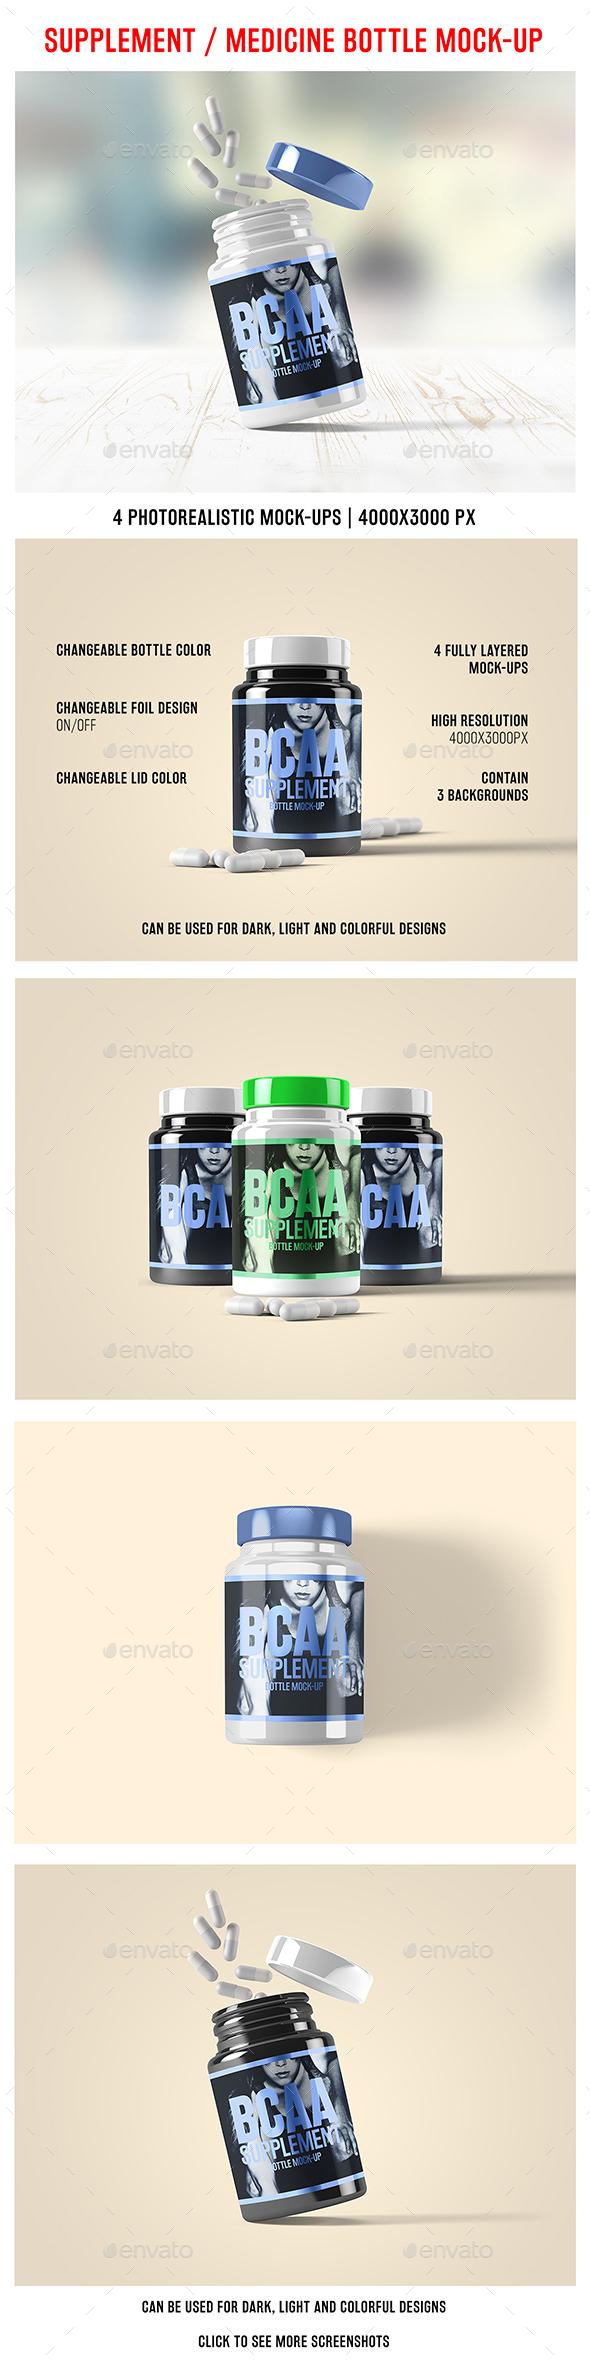 Supplement / Medicine Bottle Mock-Up